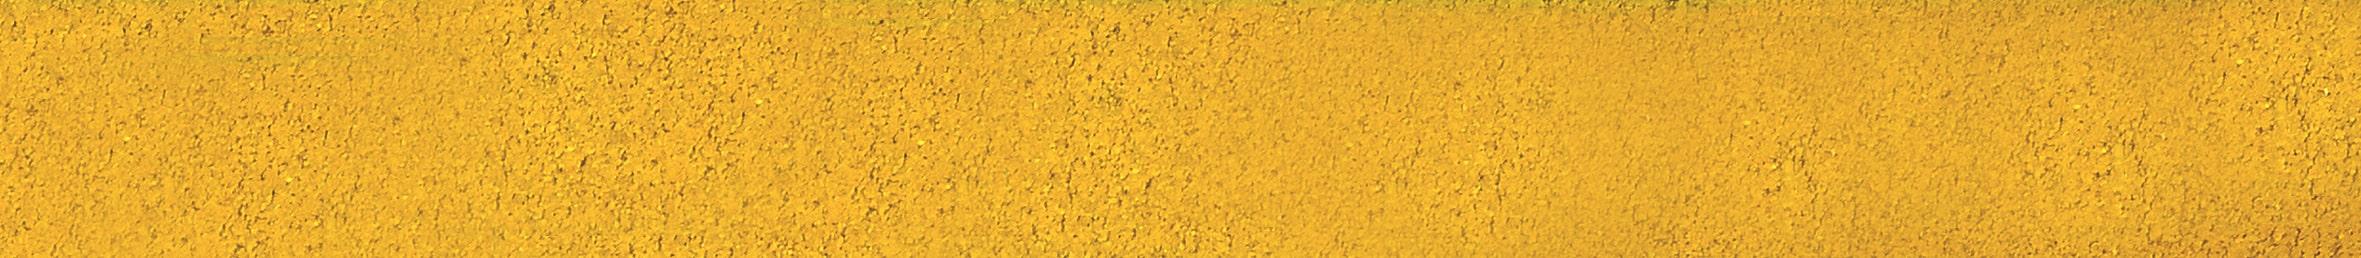 Fugenmörtel - Fugenfarbe 1021